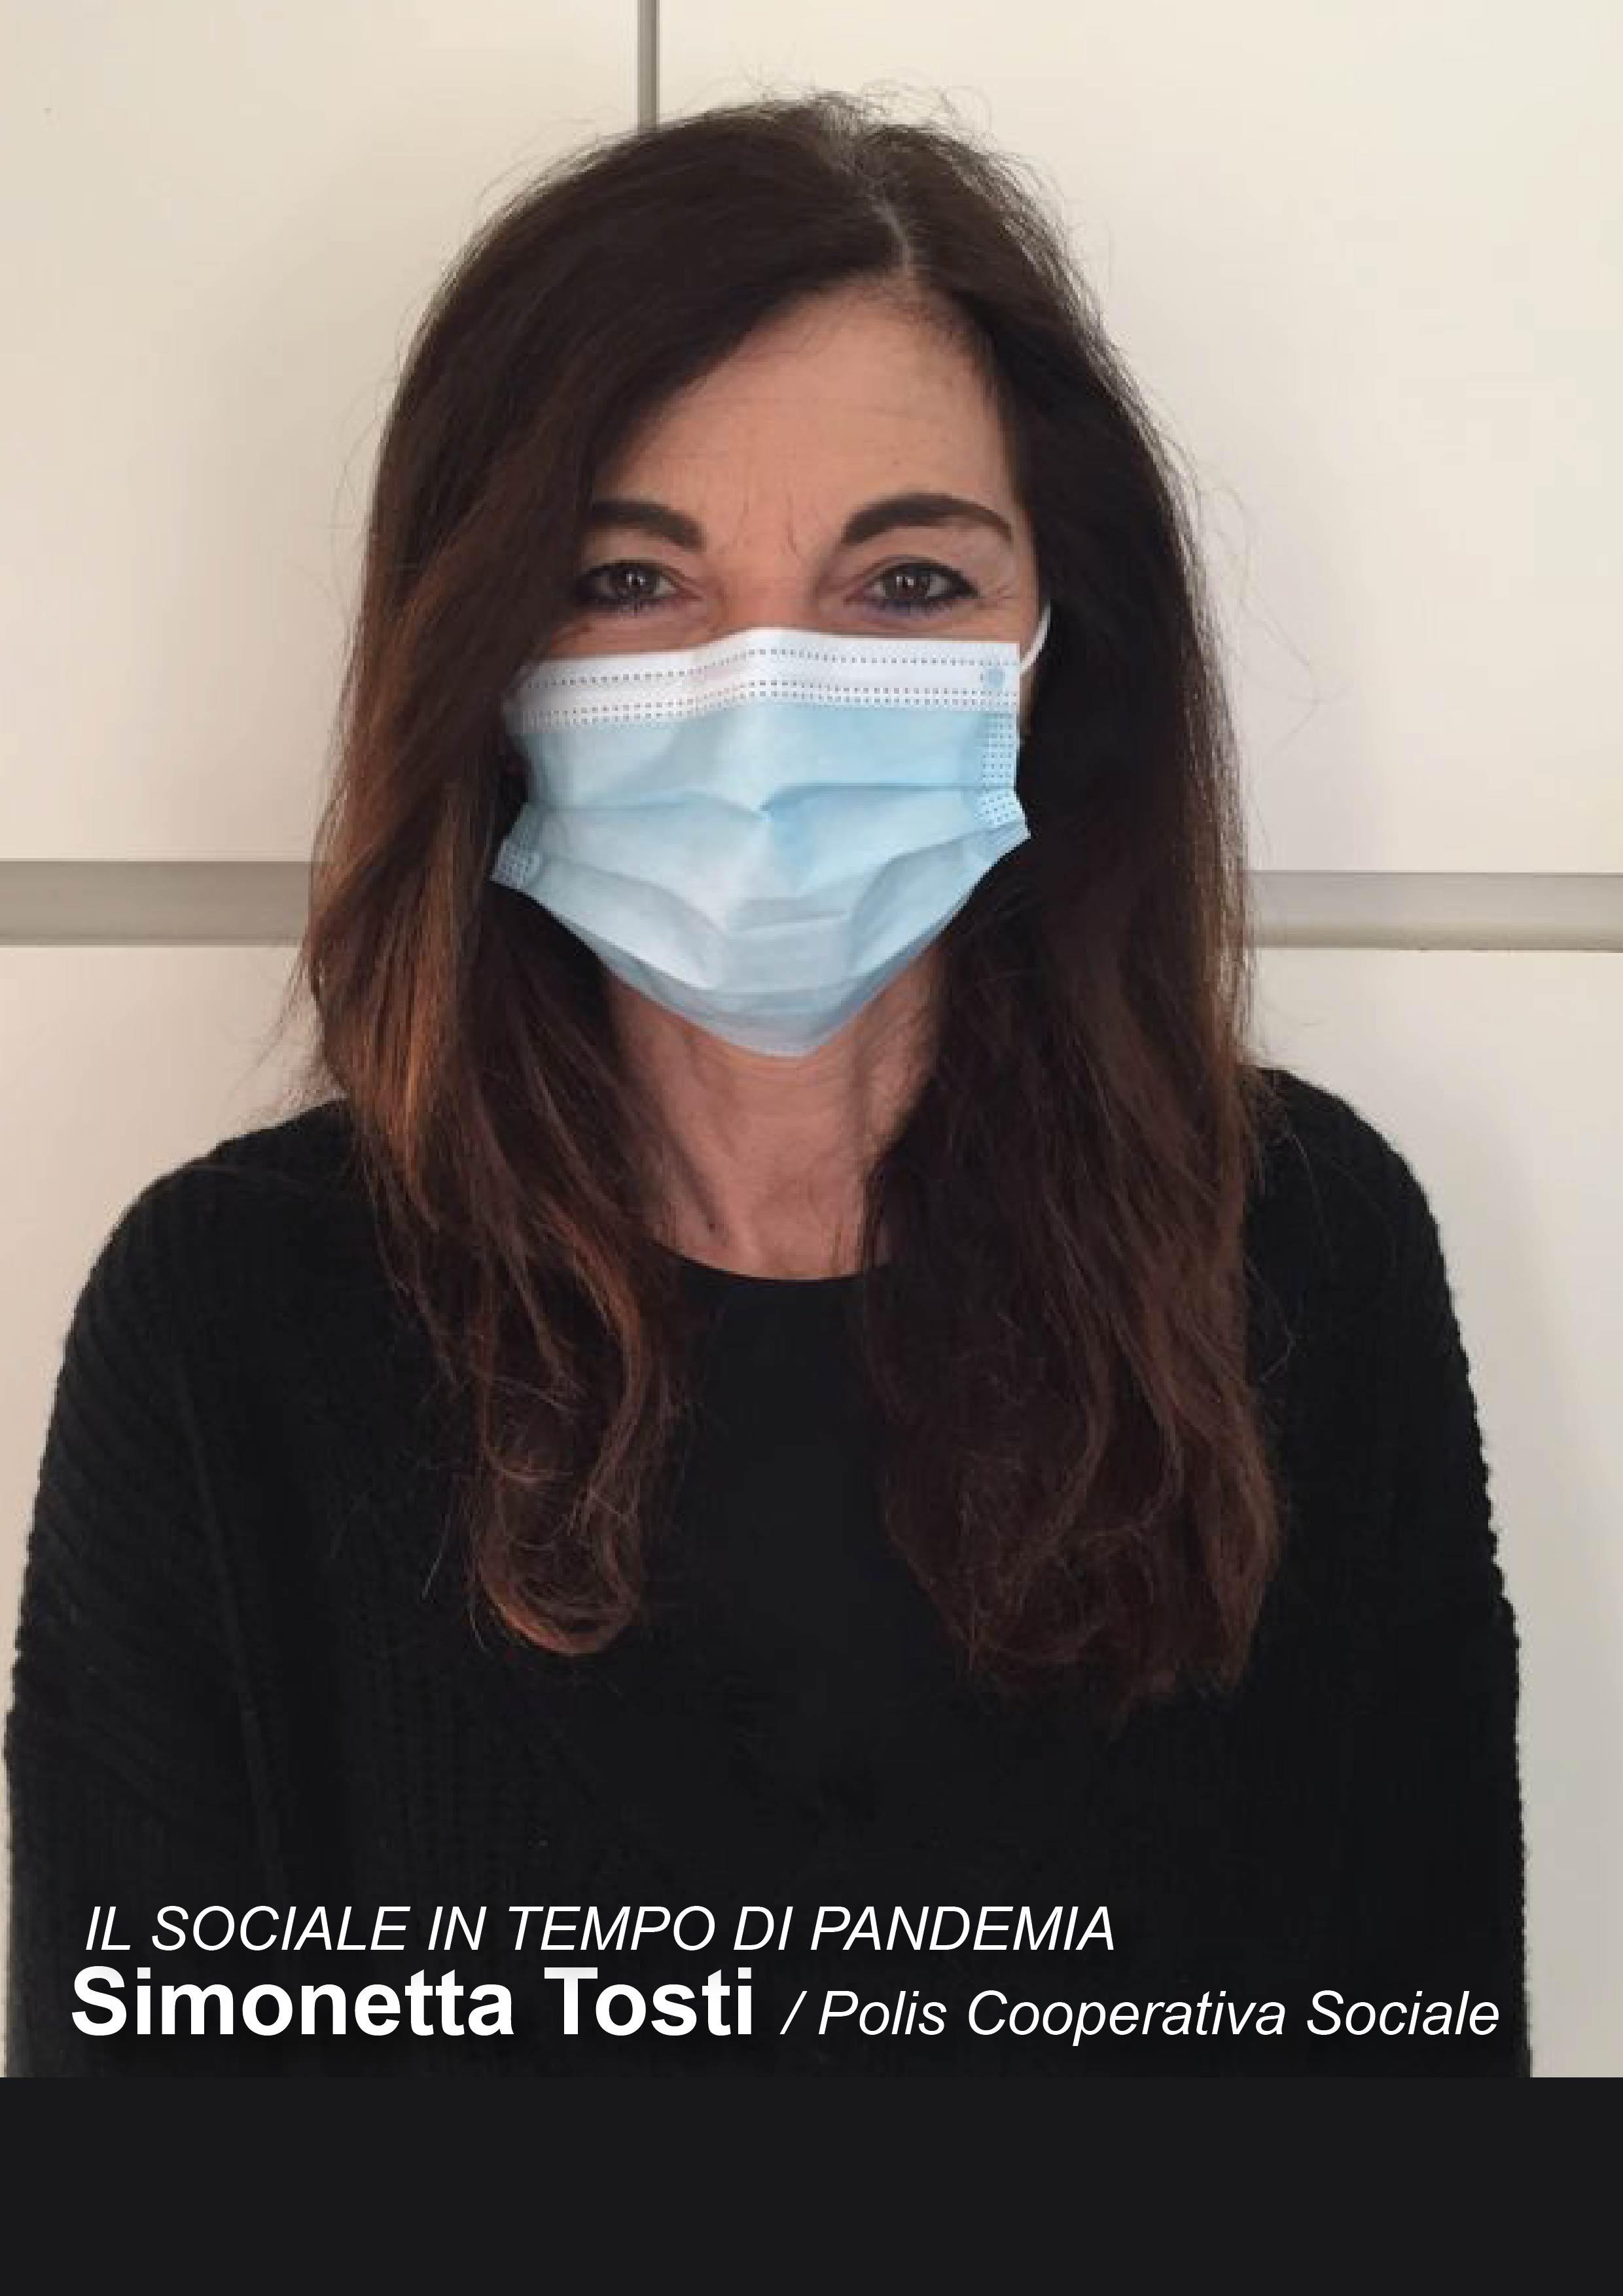 Simonetta Tosti, il sociale in tempo di pandemia